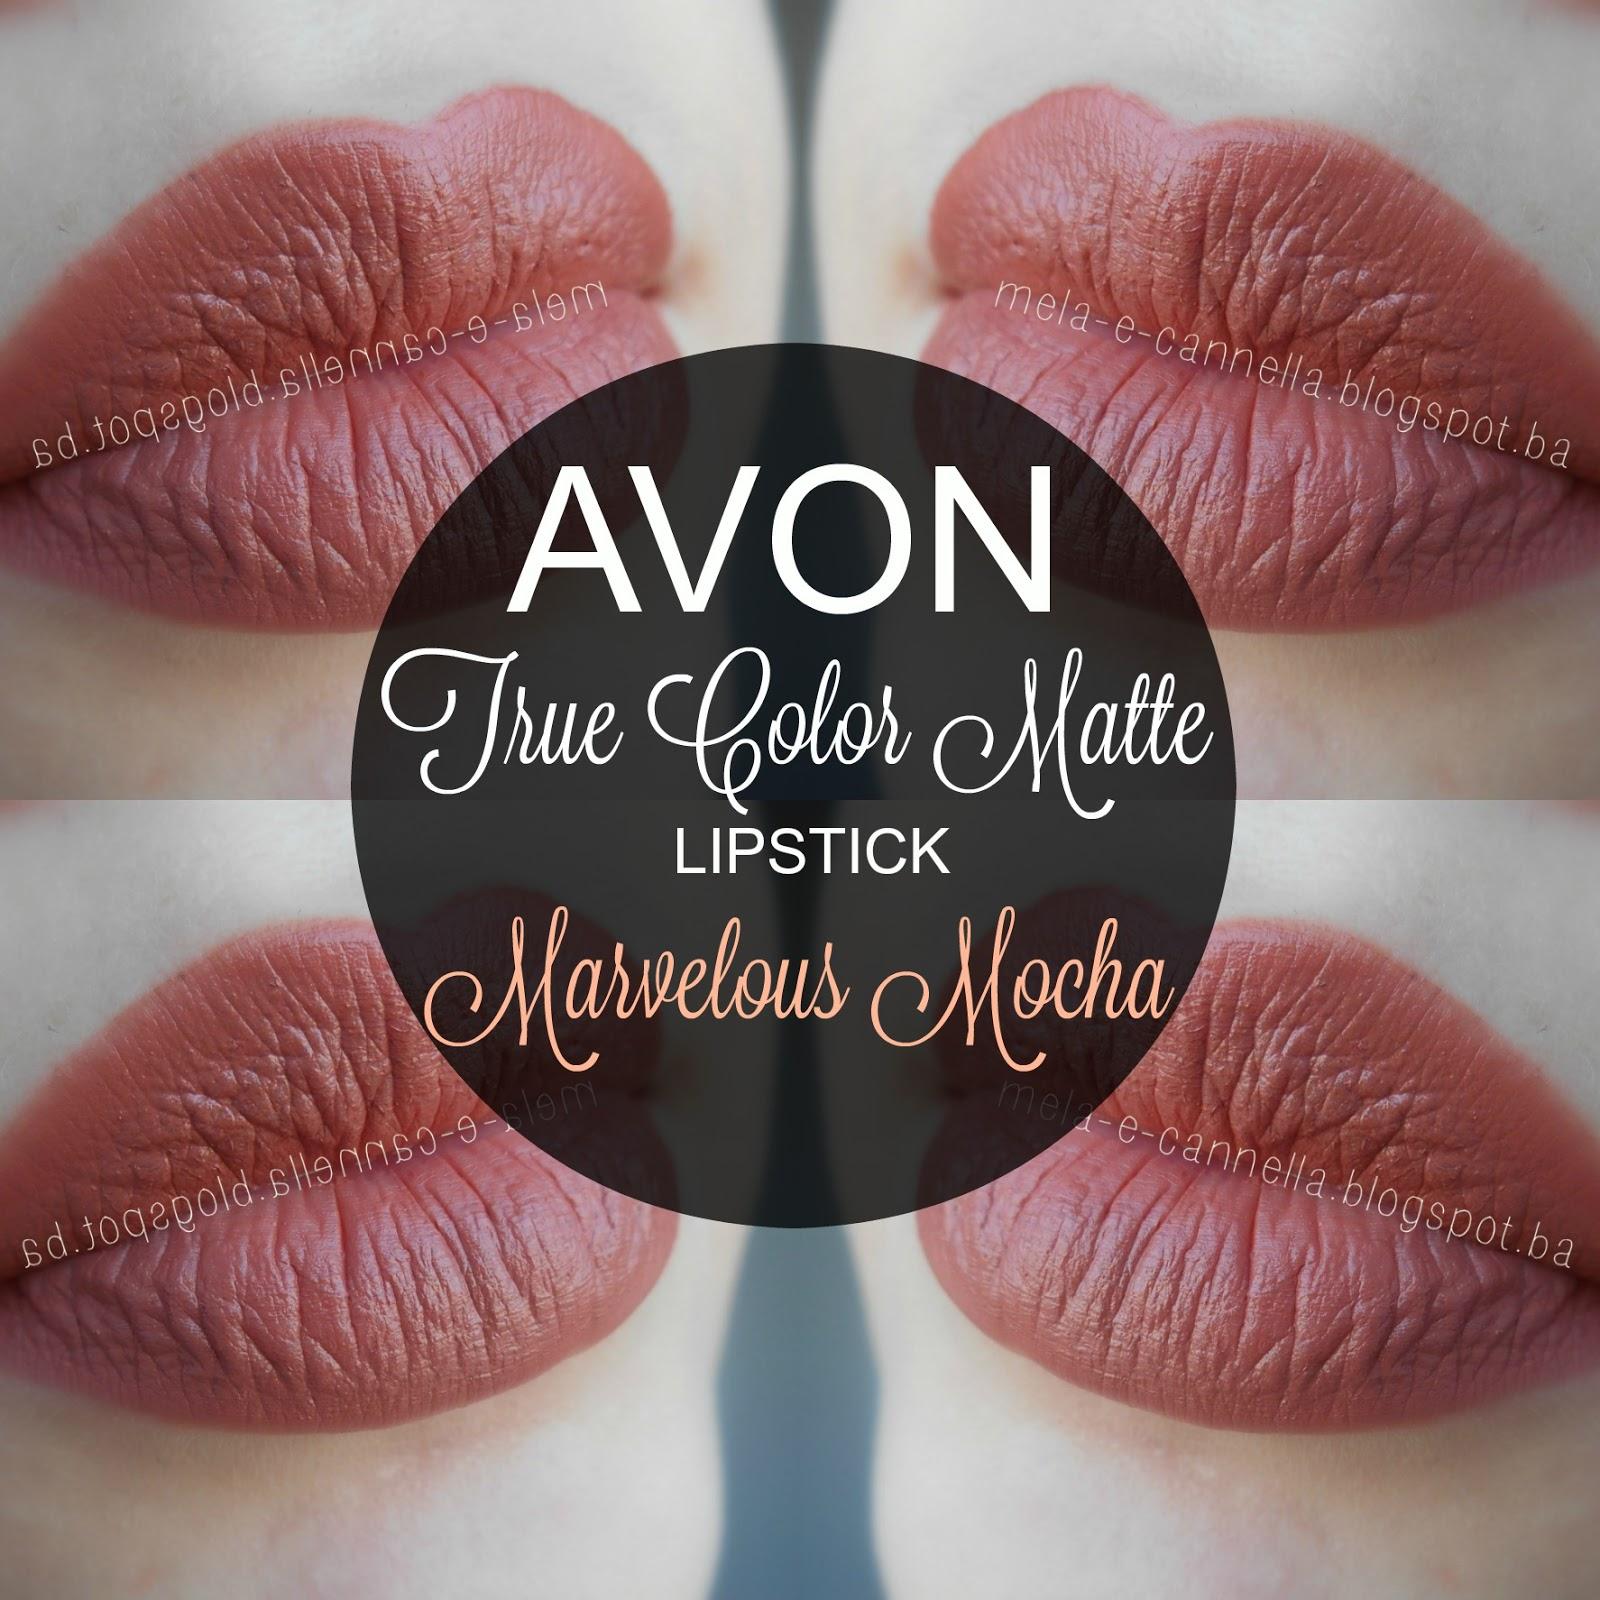 Mela-E-Cannella Avon True Color Matte Lipstick -8684